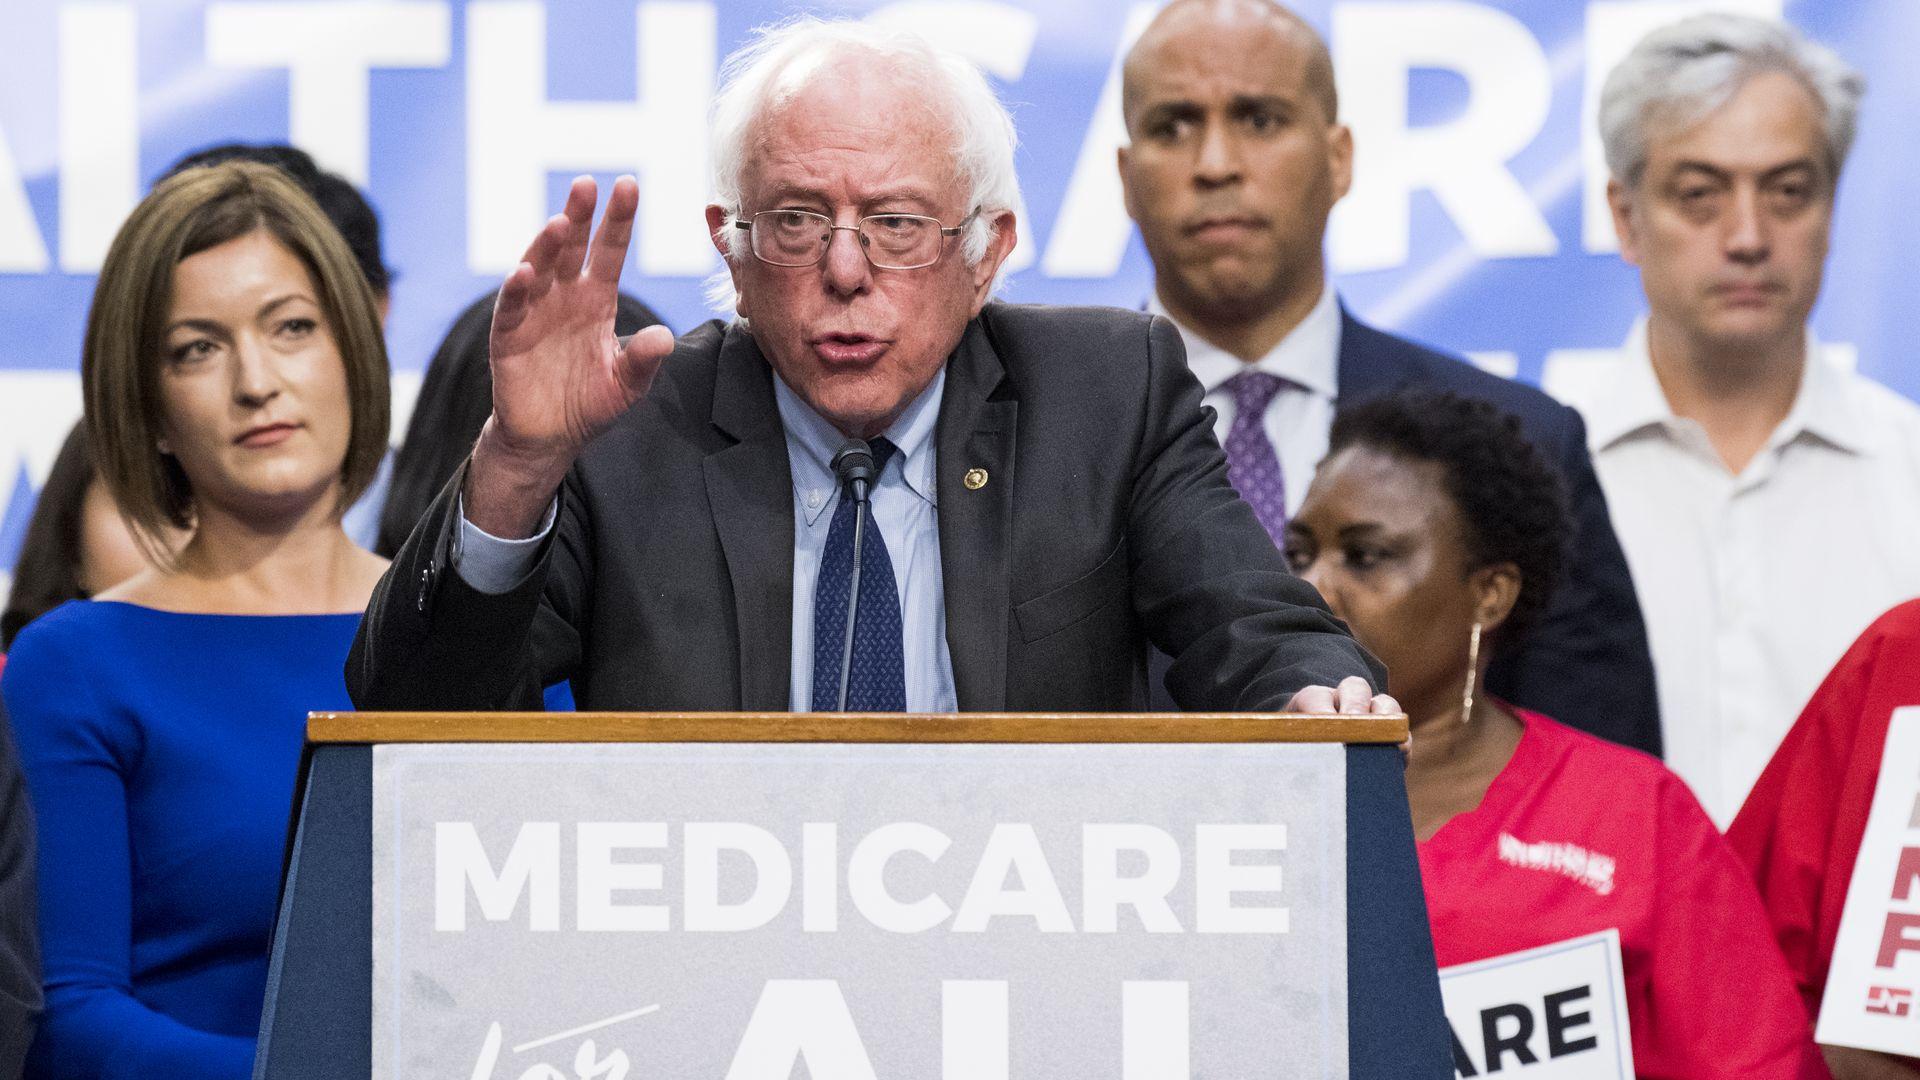 Bernie Sanders speaking behind a Medicare for All lectern